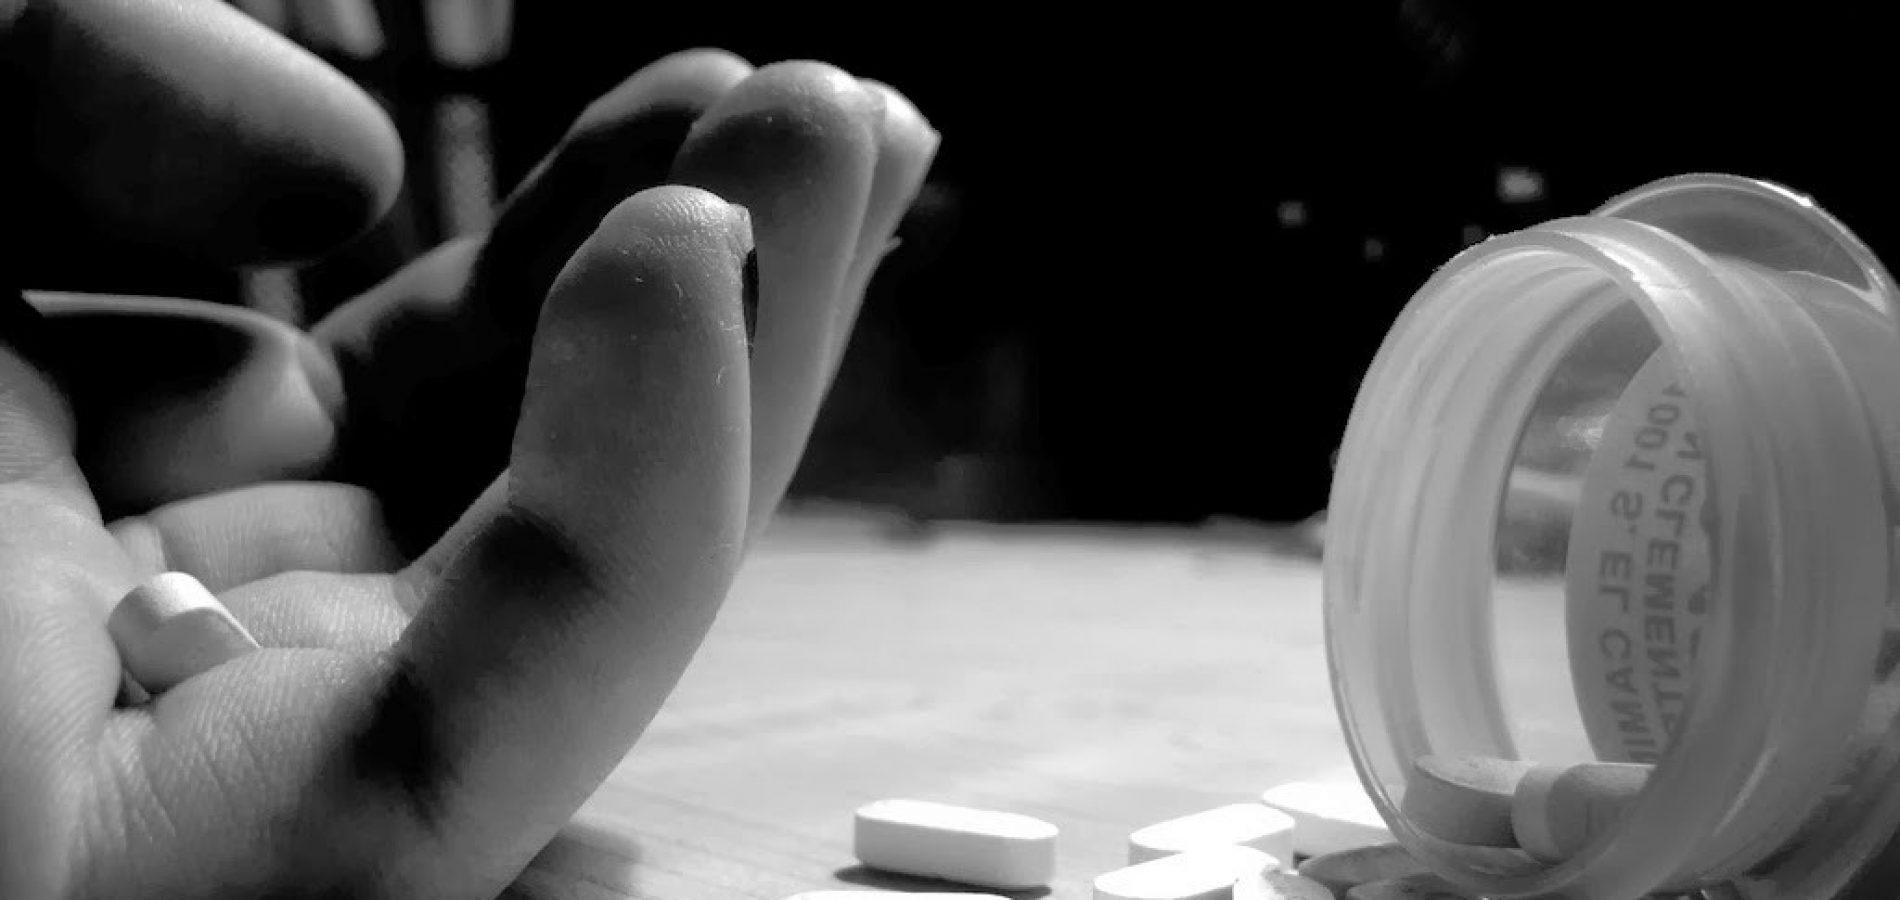 Ministério da Saúde vai destinar R$ 2 milhões para estados com maiores taxas de suicídio